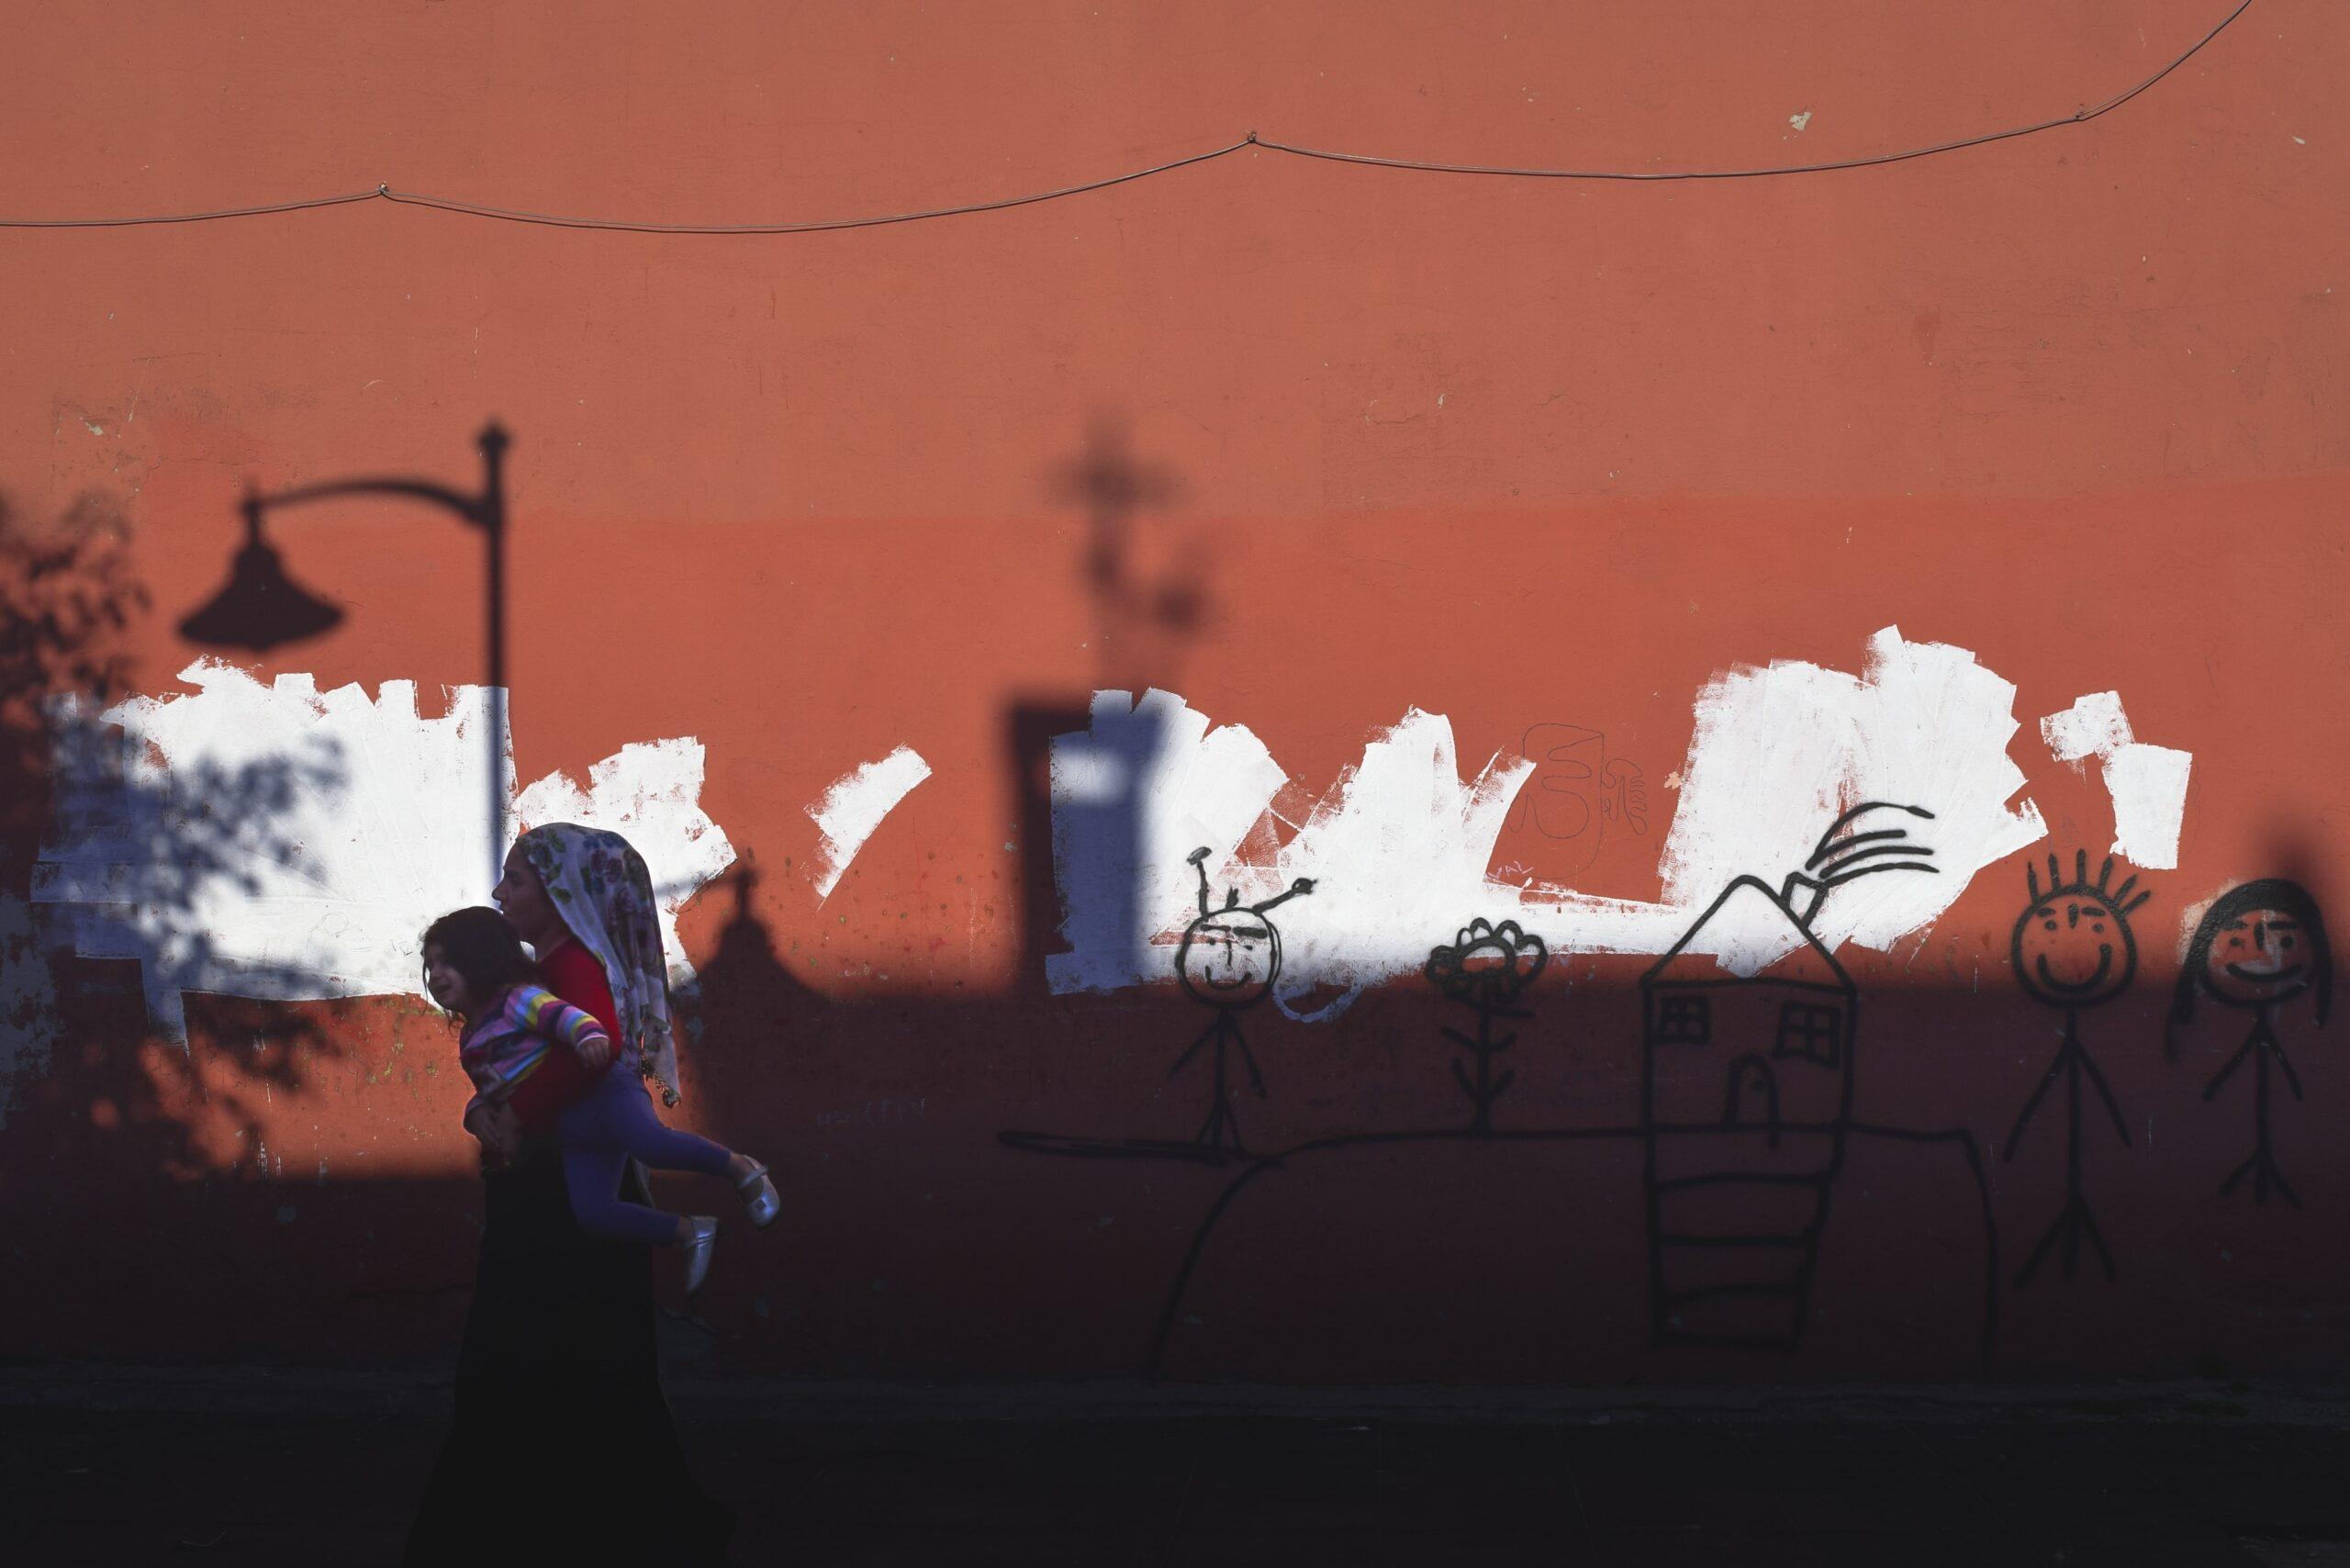 Imagen de la noticia Protección y asistencia para población siria refugiada en Líbano